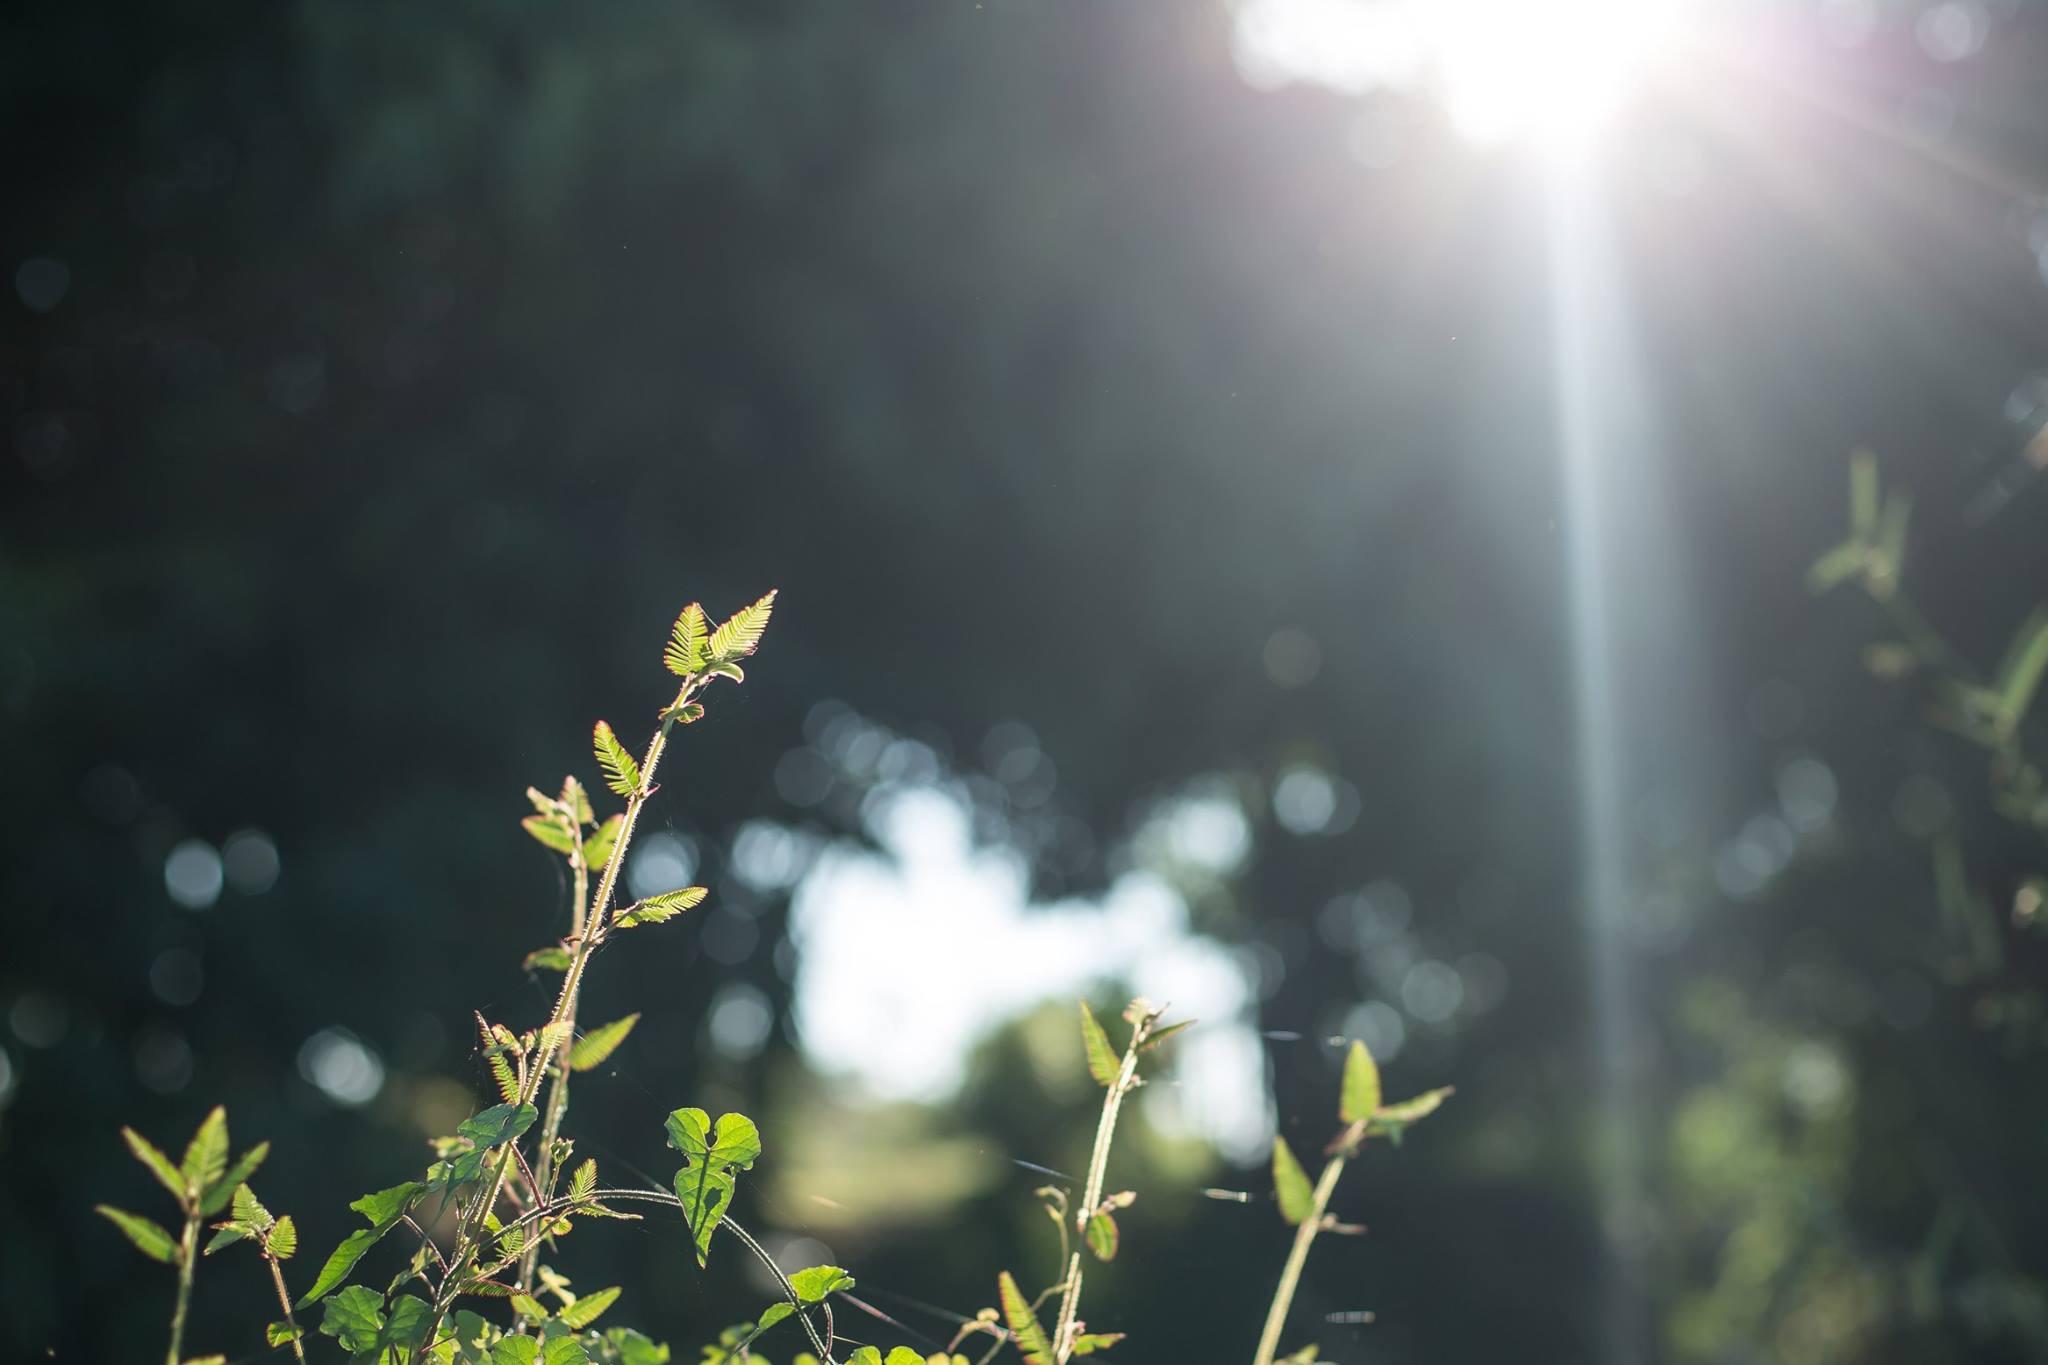 แสงพระอาทิตย์พาไปหลิว